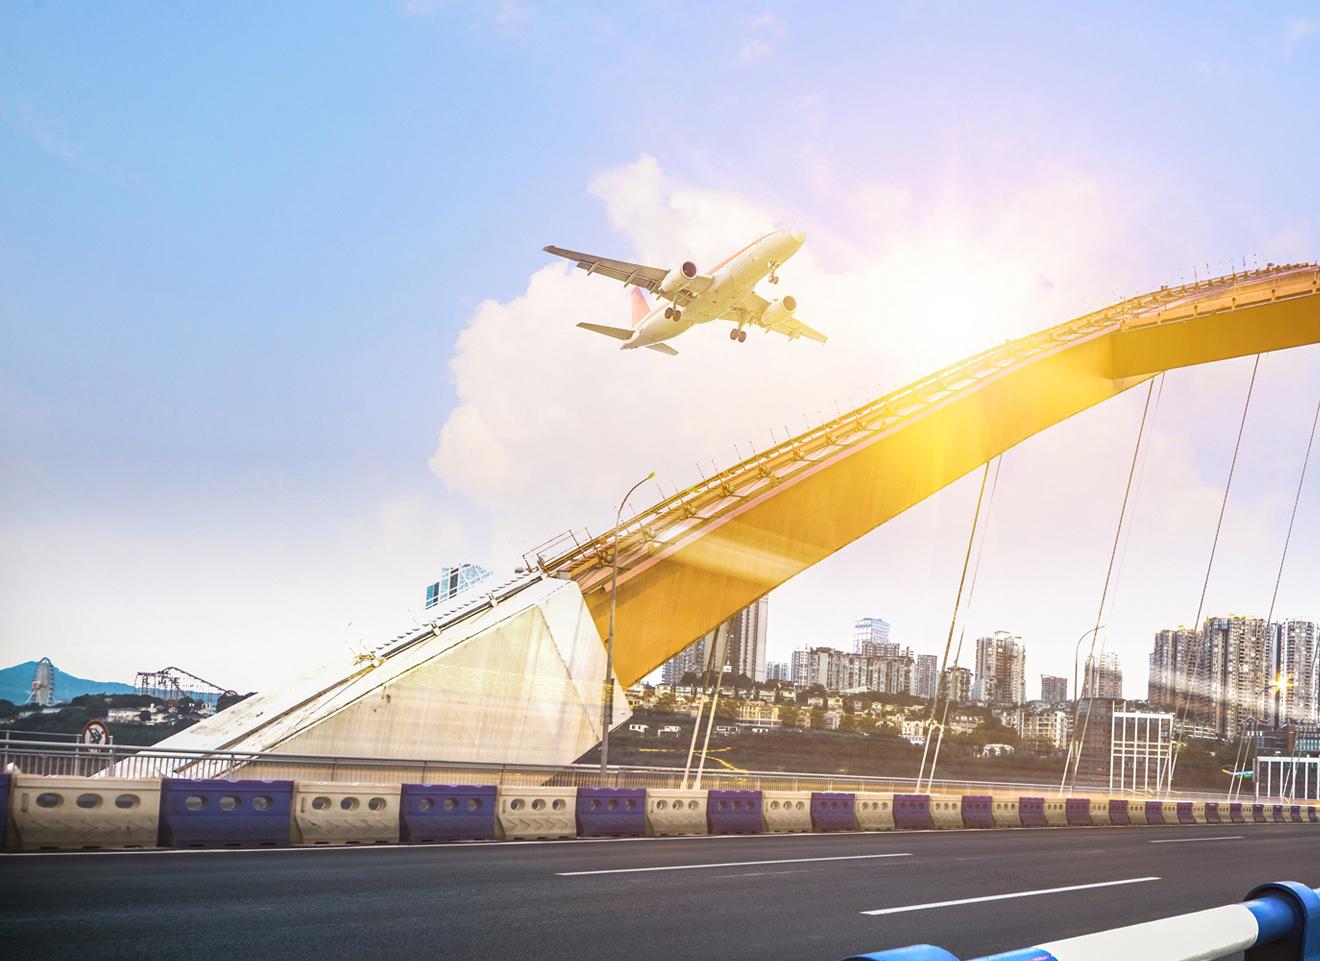 AN Aviation Services - LOREM IPSUM DOLOR